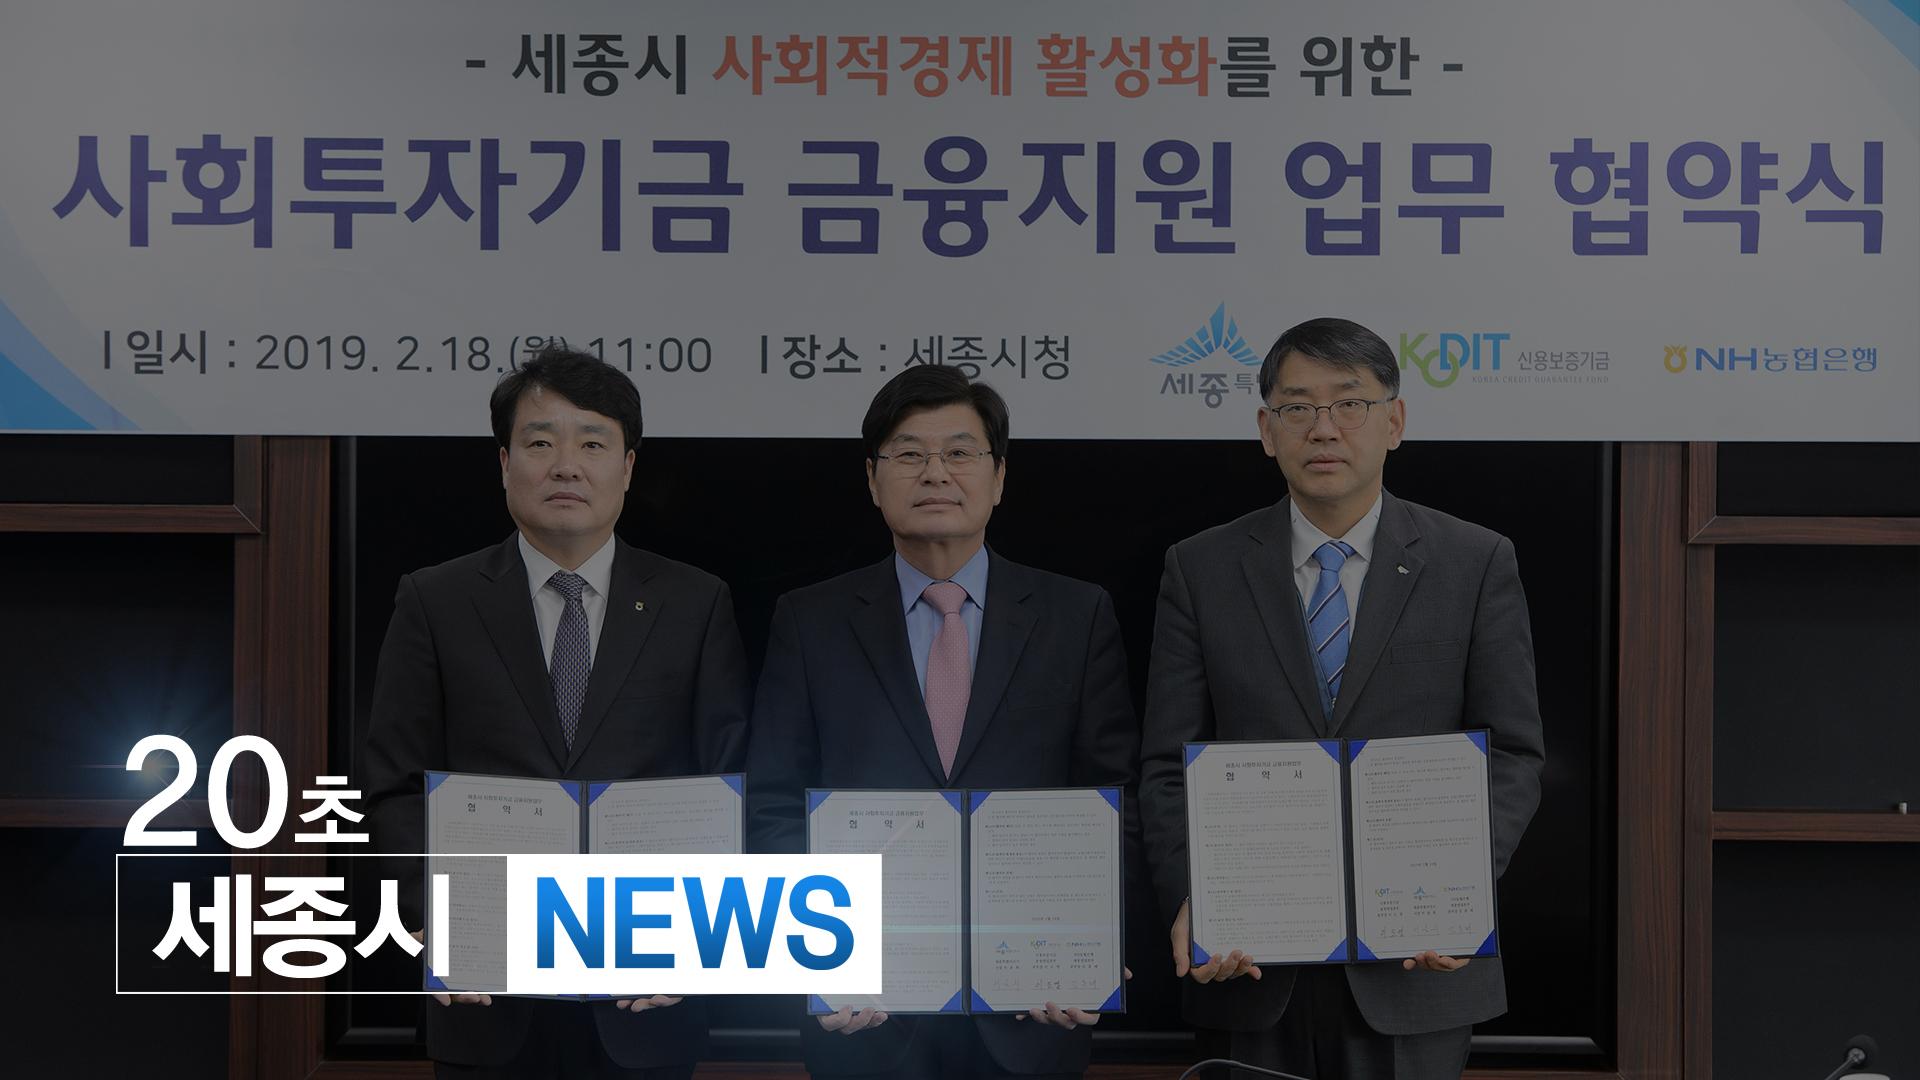 <20초뉴스> 사회투자기금 금융지원 업무협약 체결